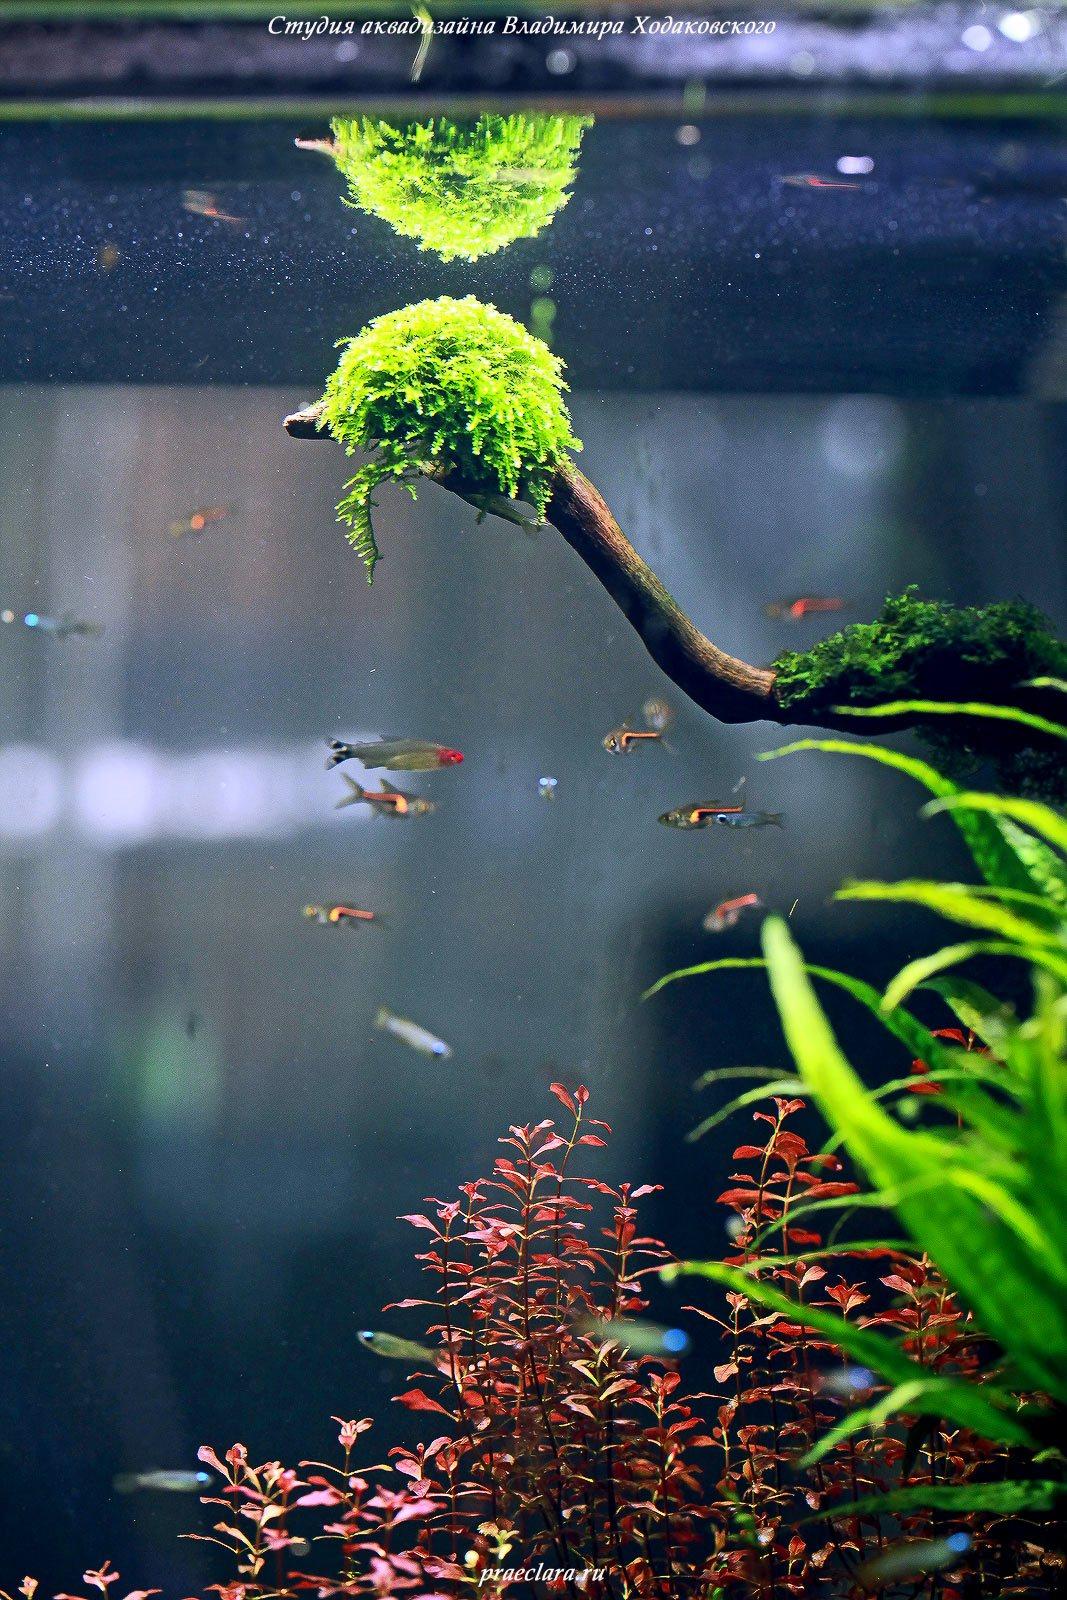 Фрагмент аквариума